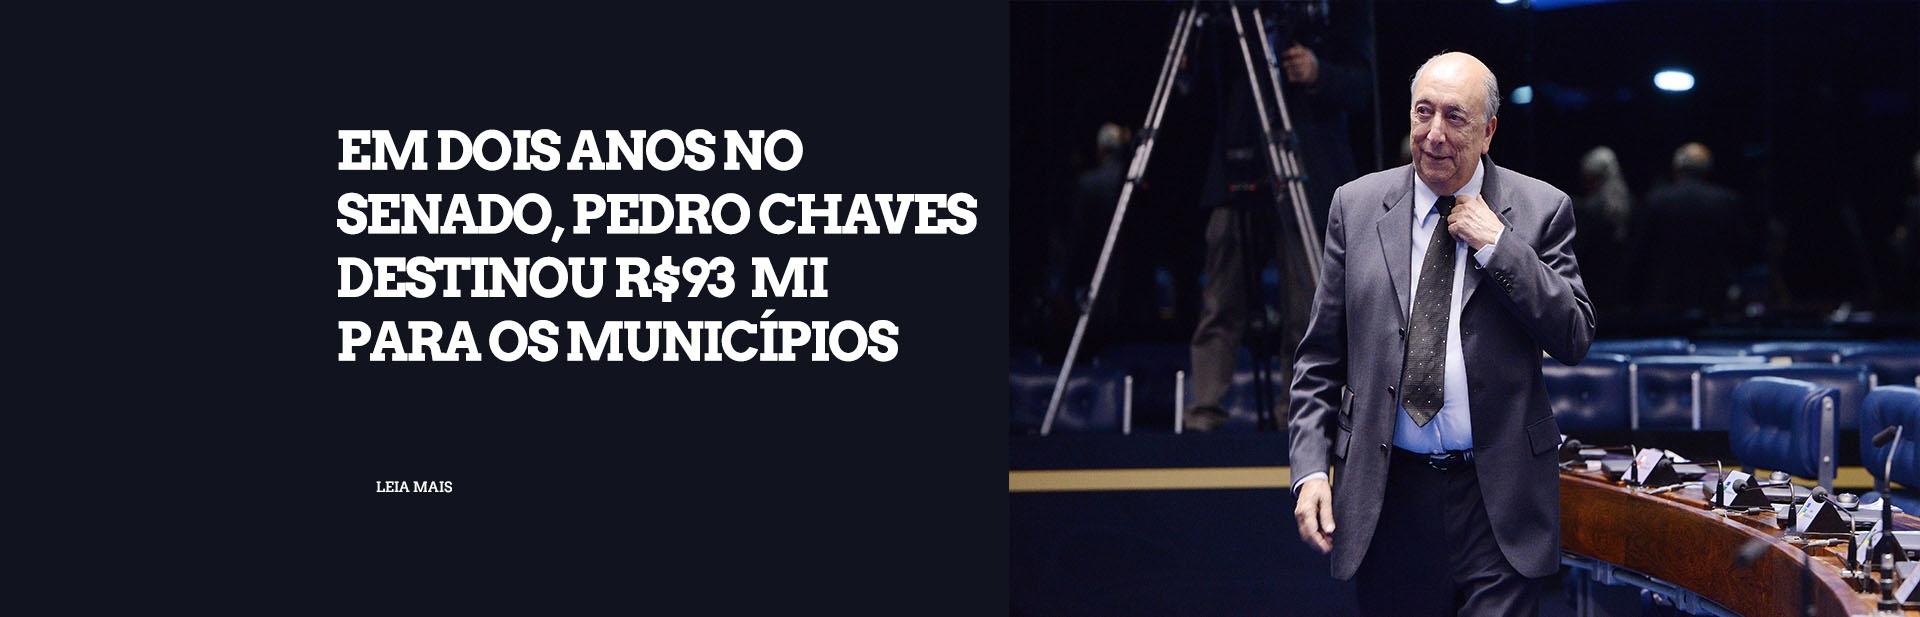 Em dois anos no Senado, Pedro Chaves destinou R$ 93 milhões para municípios de MS